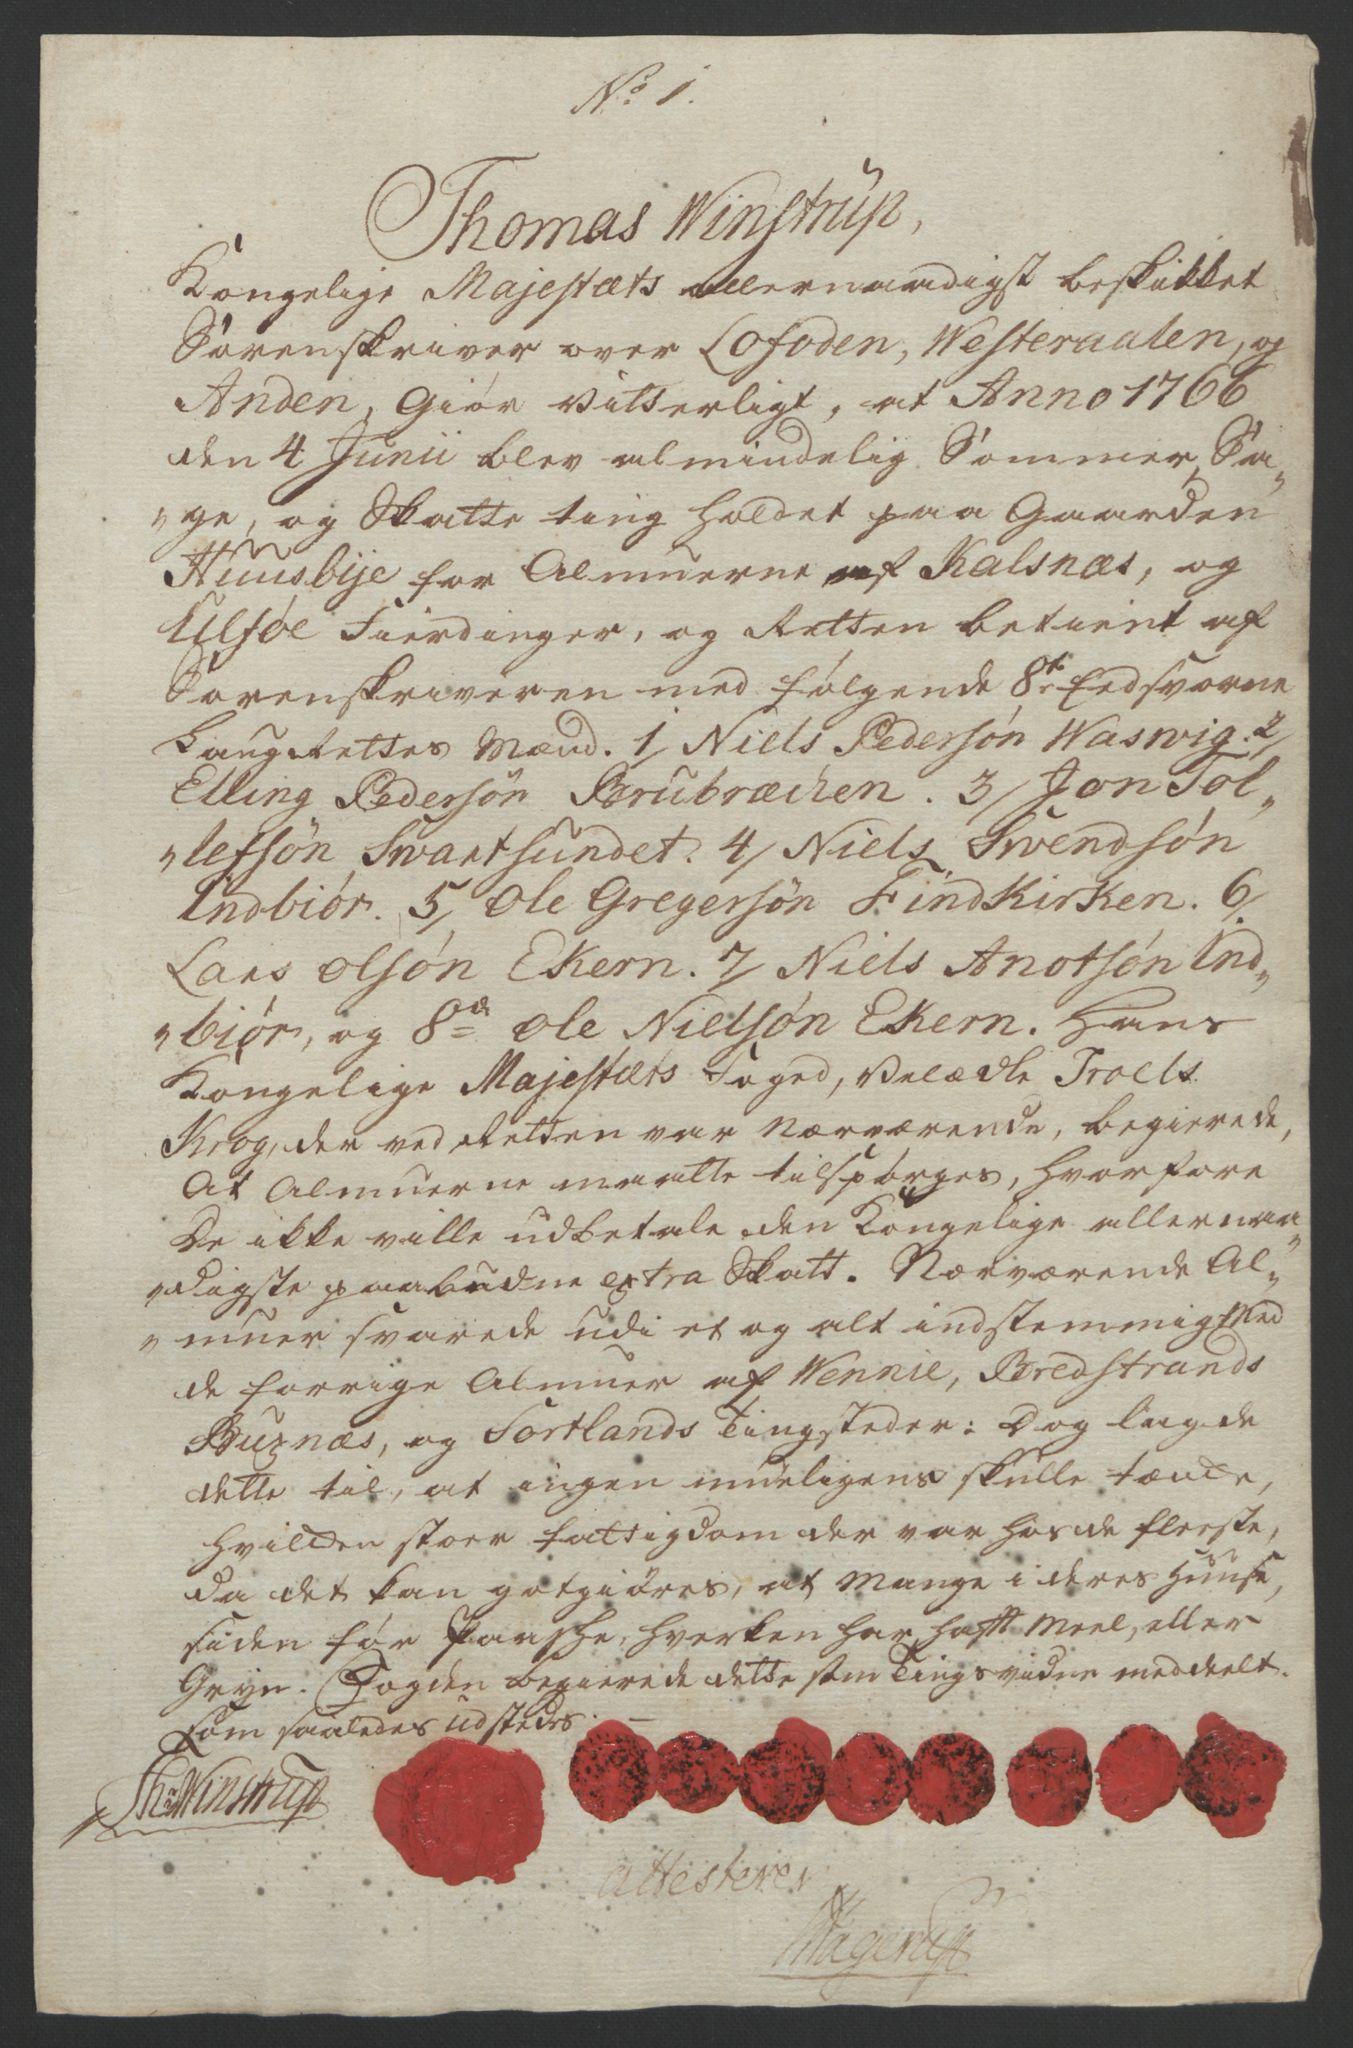 RA, Rentekammeret inntil 1814, Reviderte regnskaper, Fogderegnskap, R67/L4747: Ekstraskatten Vesterålen, Andenes og Lofoten, 1762-1766, s. 466